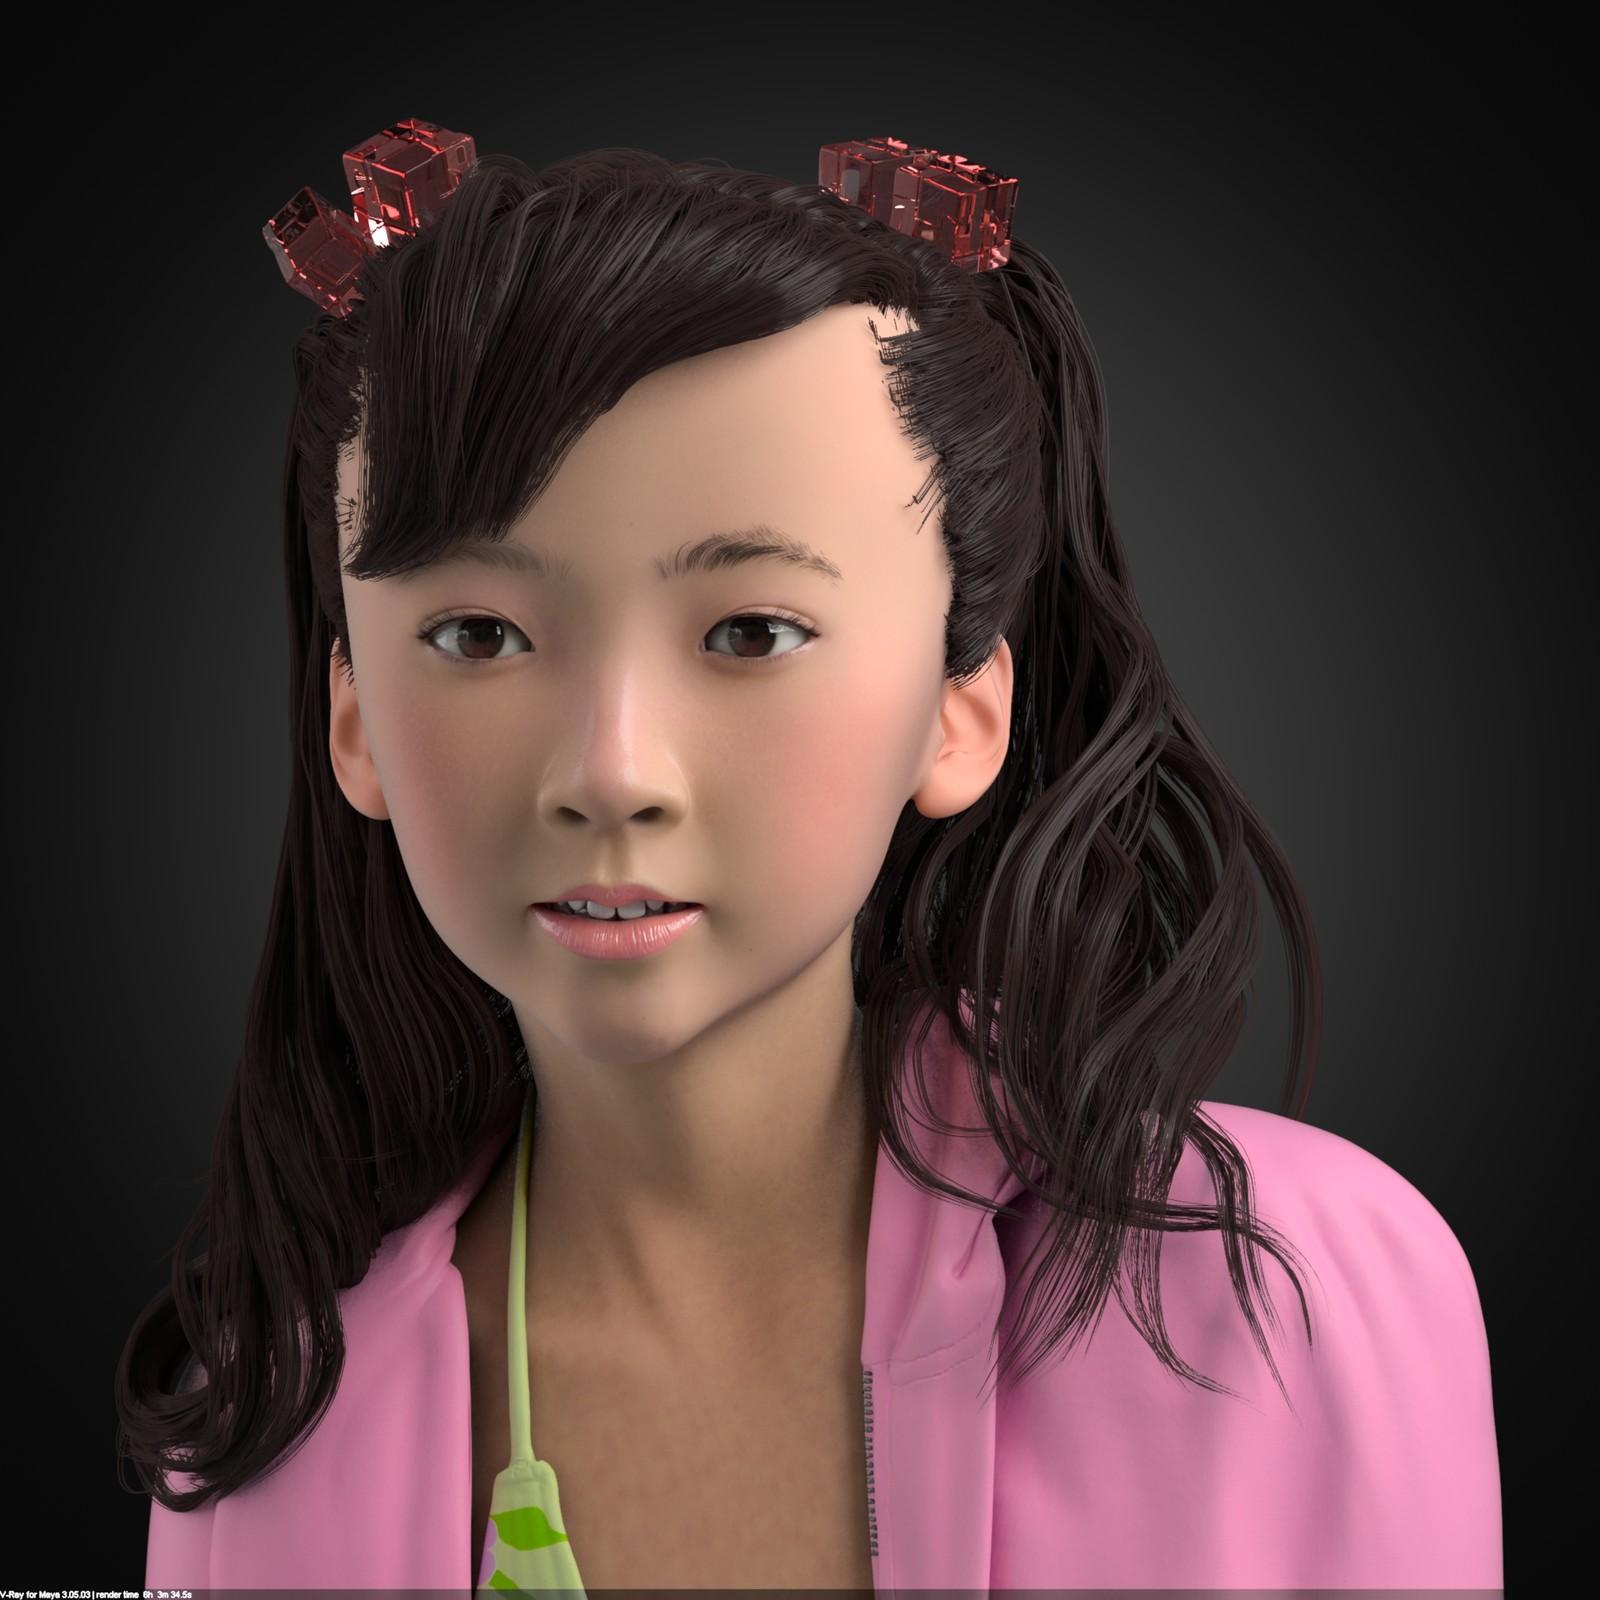 Miho Kaneko